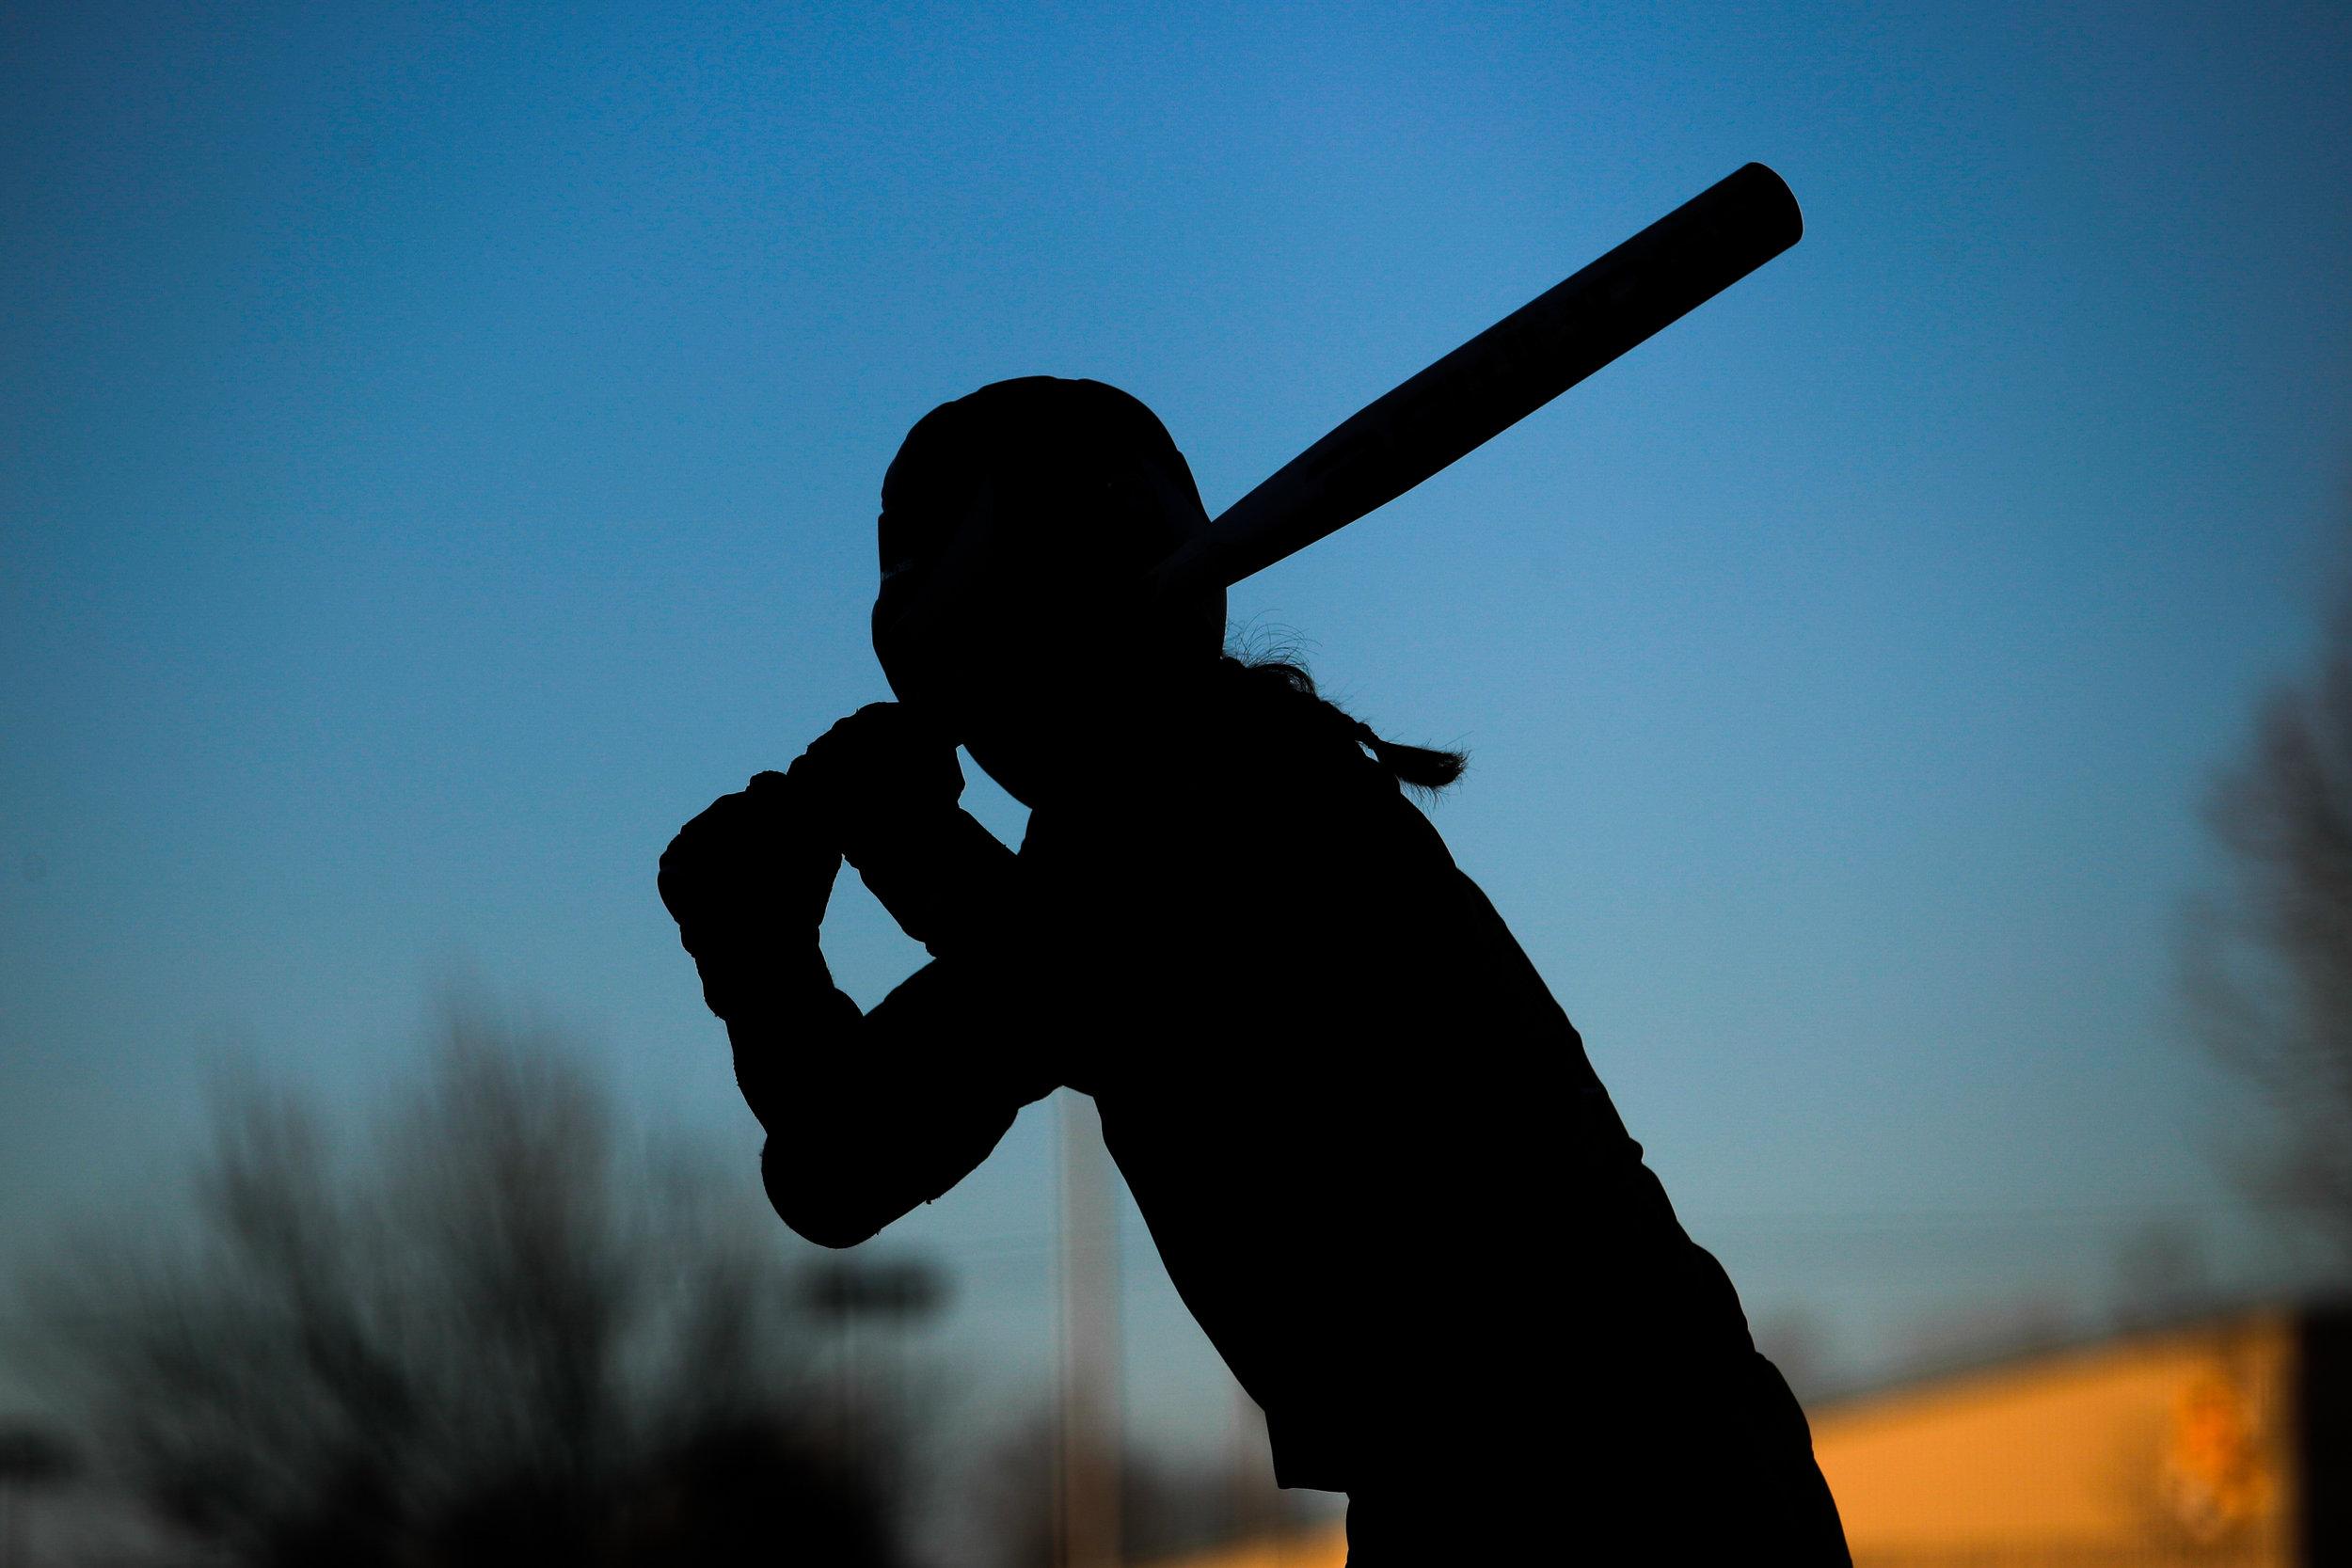 Wichita State beat KU in 9 innings 11-10 at Wilkins Stadium on March 20, 2019. Photos taken for GoShockers.